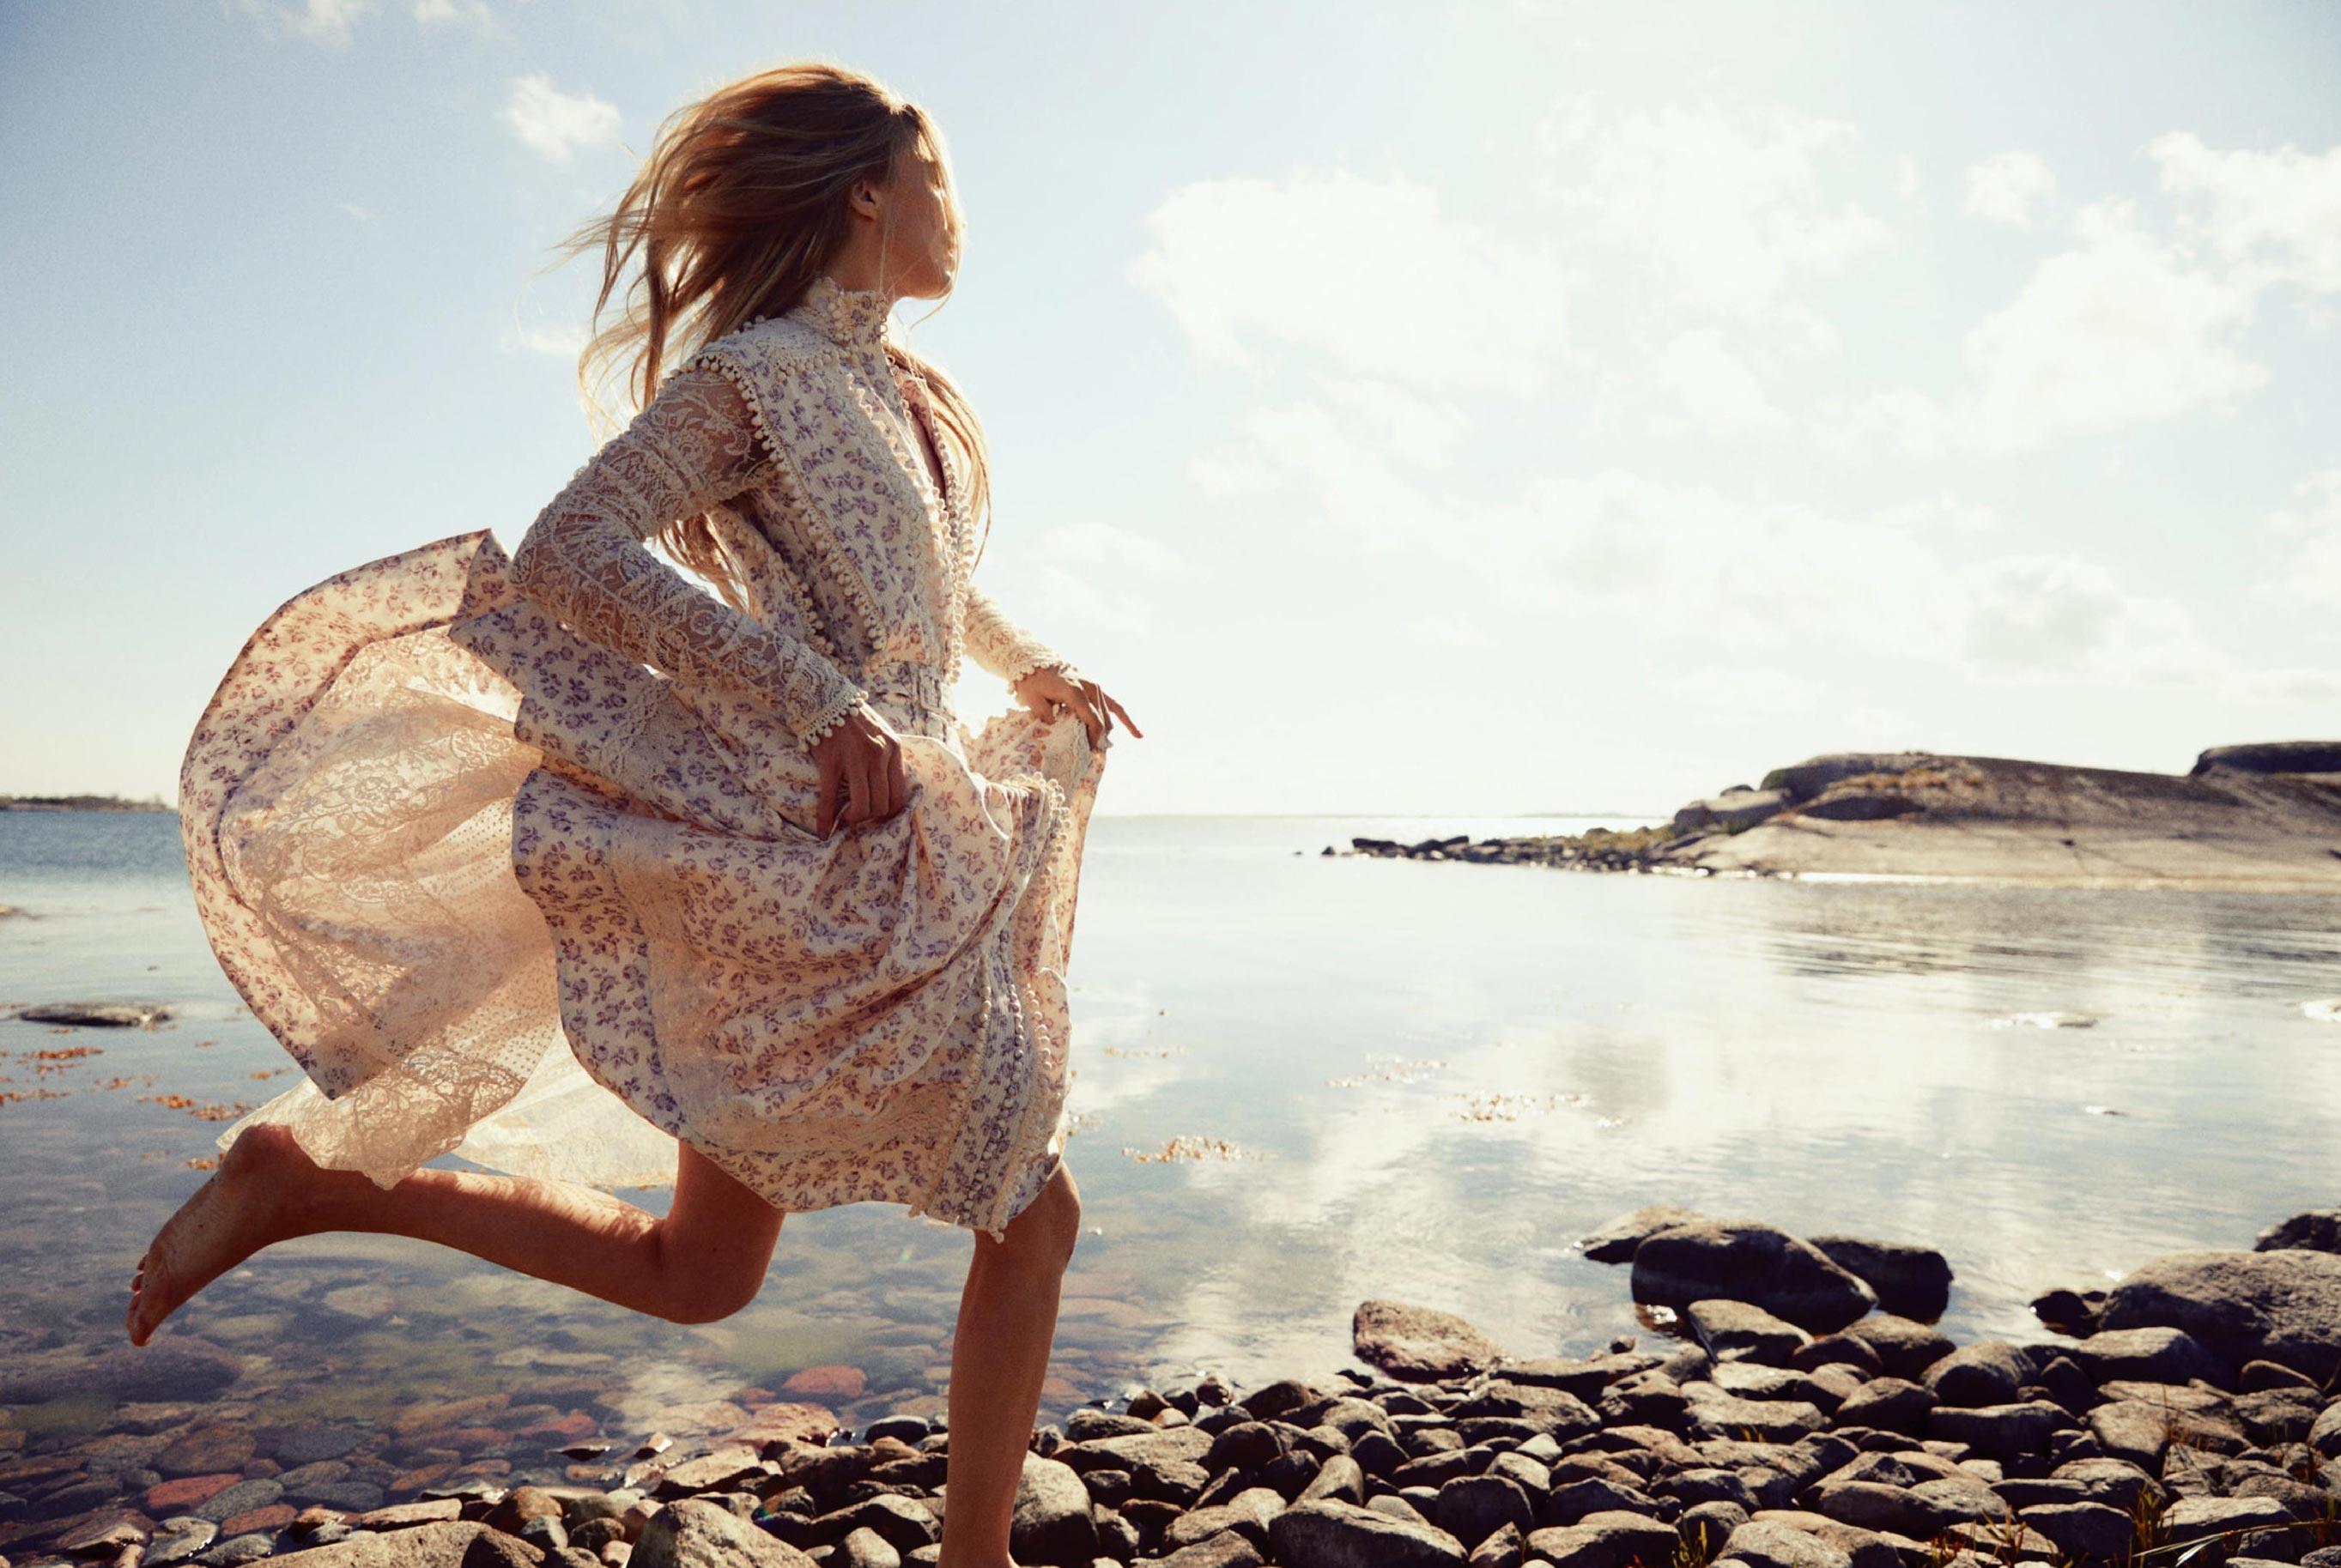 Бразильская модель в гостях у шведской - Эрика Линдер и Ракель Циммерман / фото 16